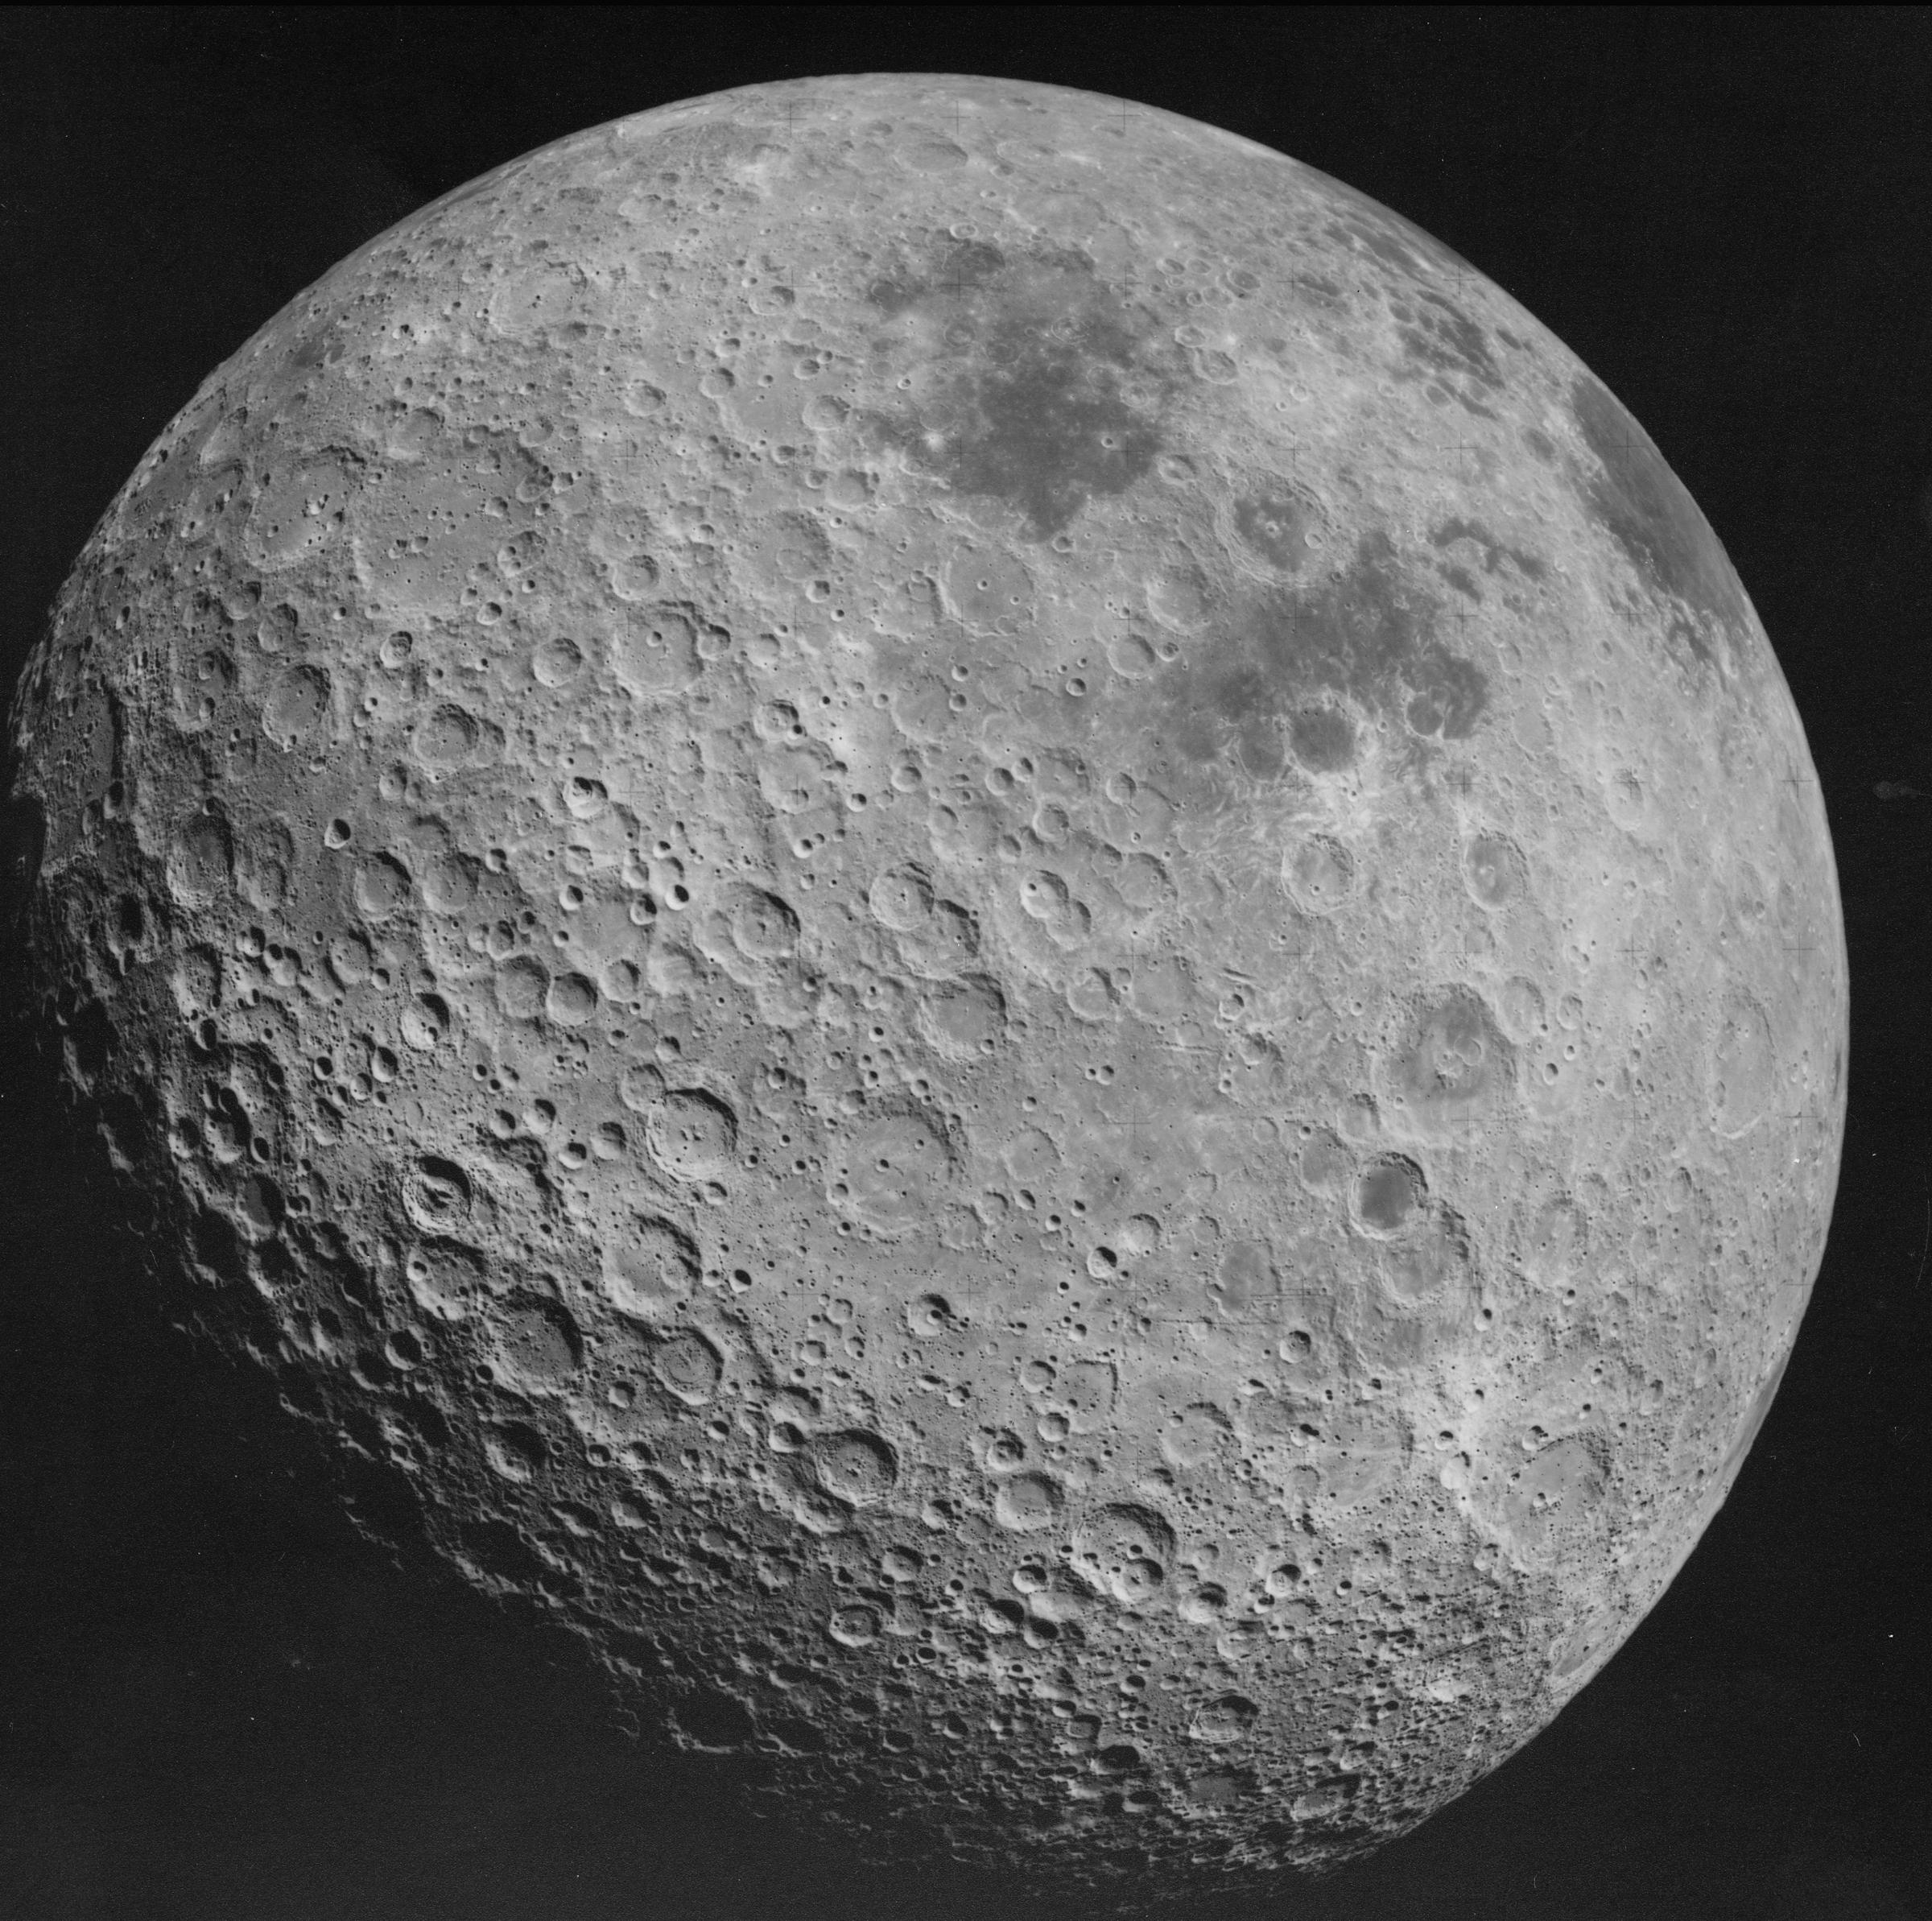 Apollo 16 image of the lunar farside